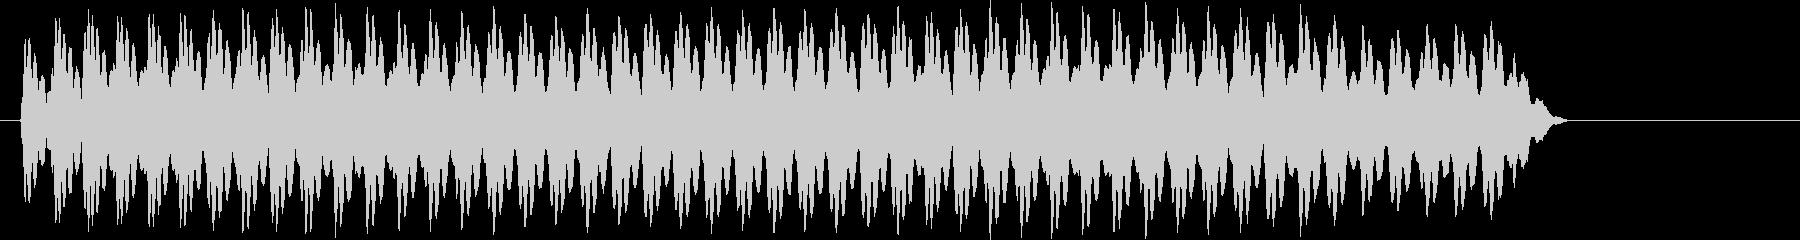 おっと。サイレン;電子ウーピーサイレン。の未再生の波形